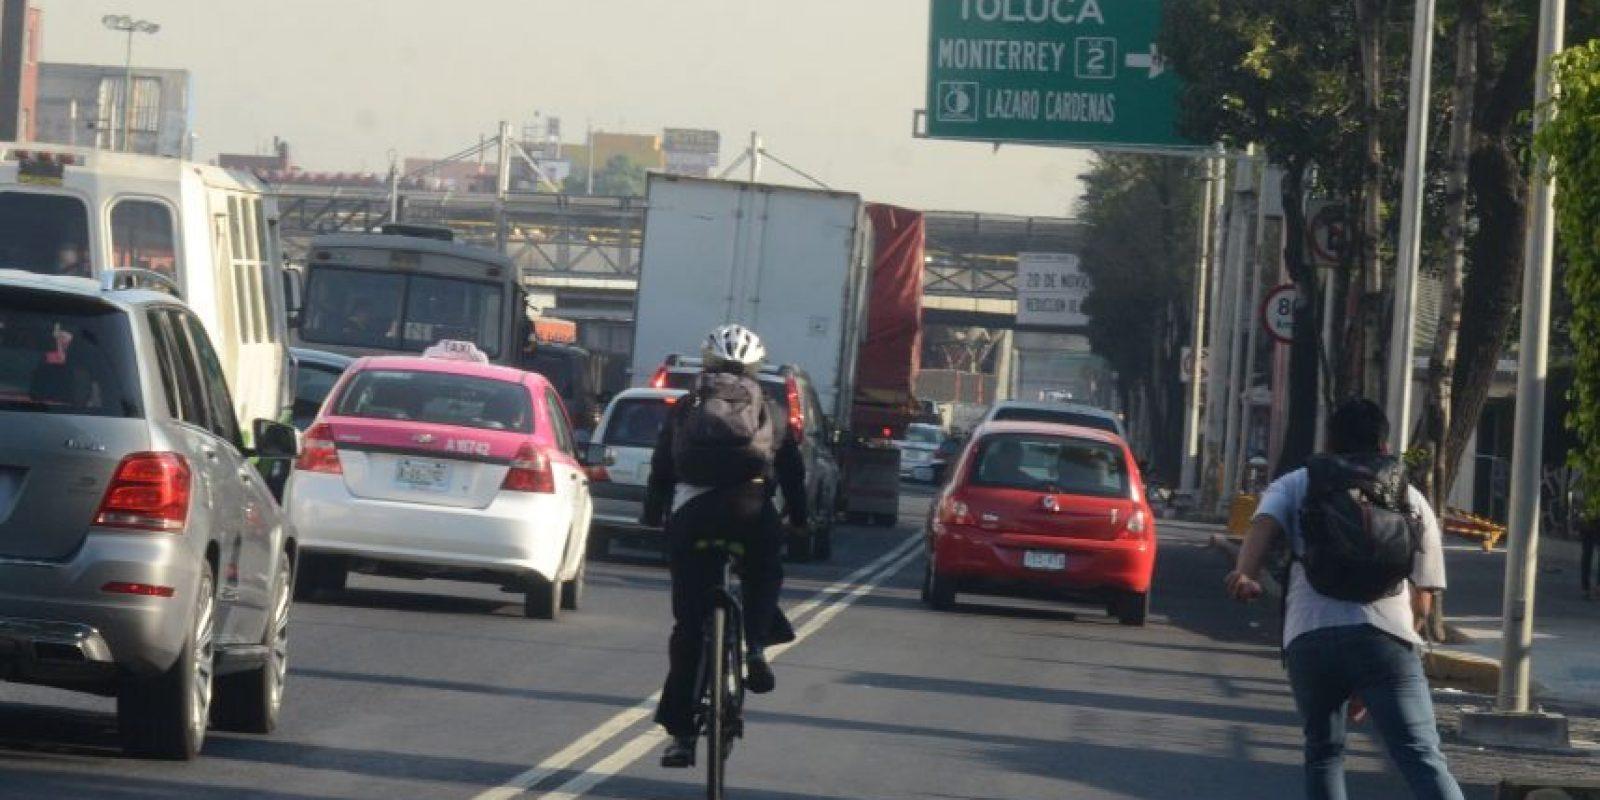 El uso de bicicletas se ha incrementado en los útlimos años Foto:cuartoscuro